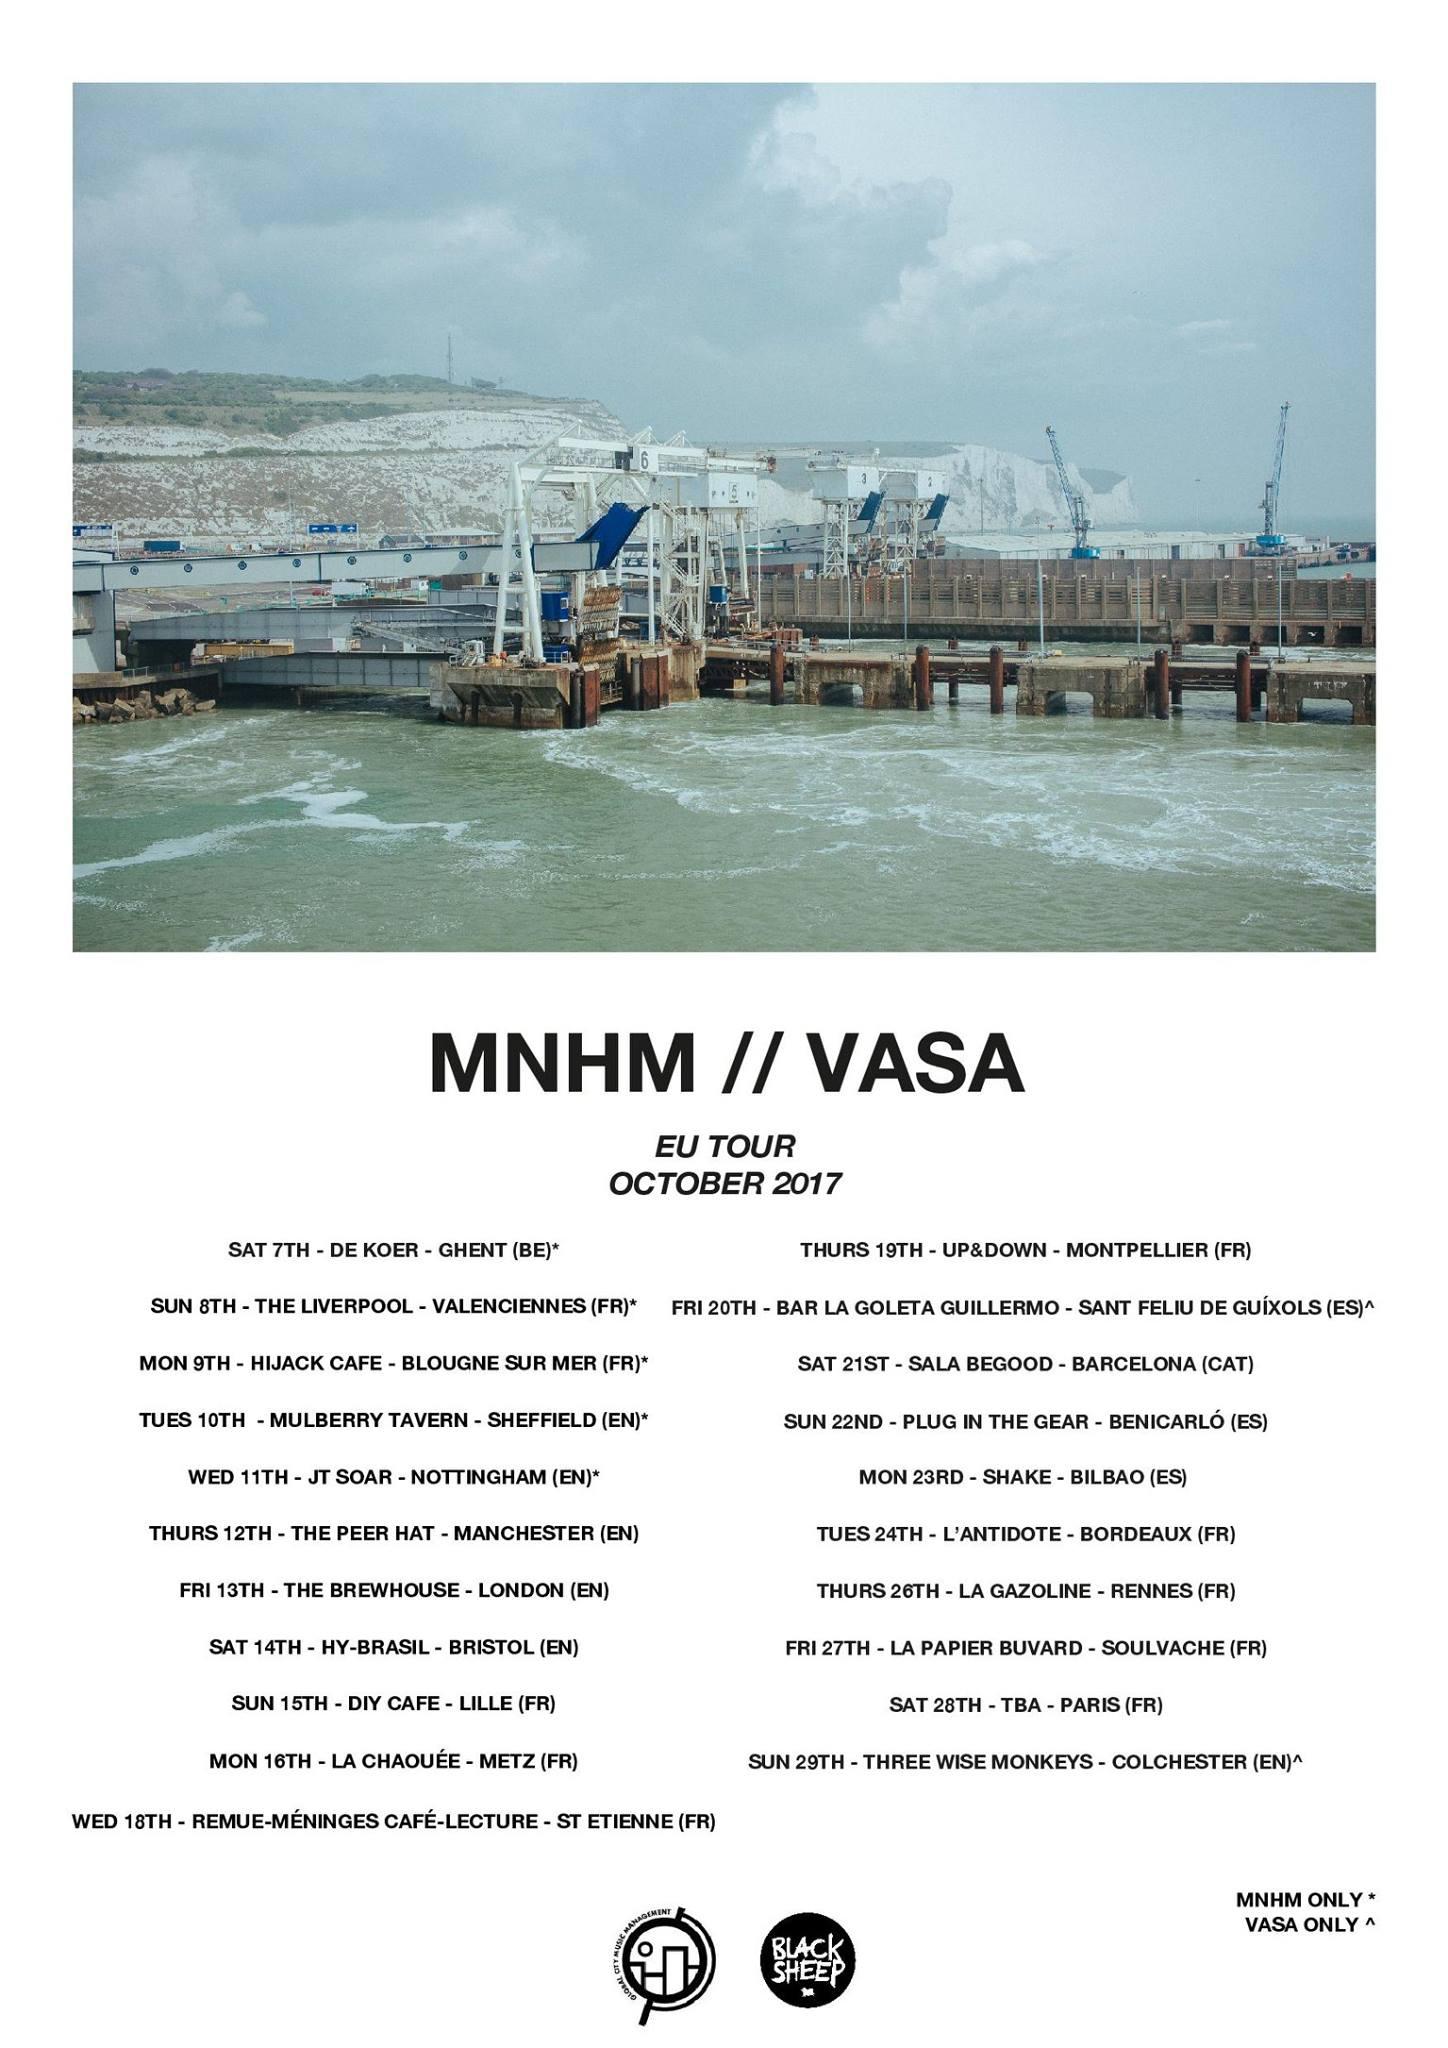 MNHM_tour_2017